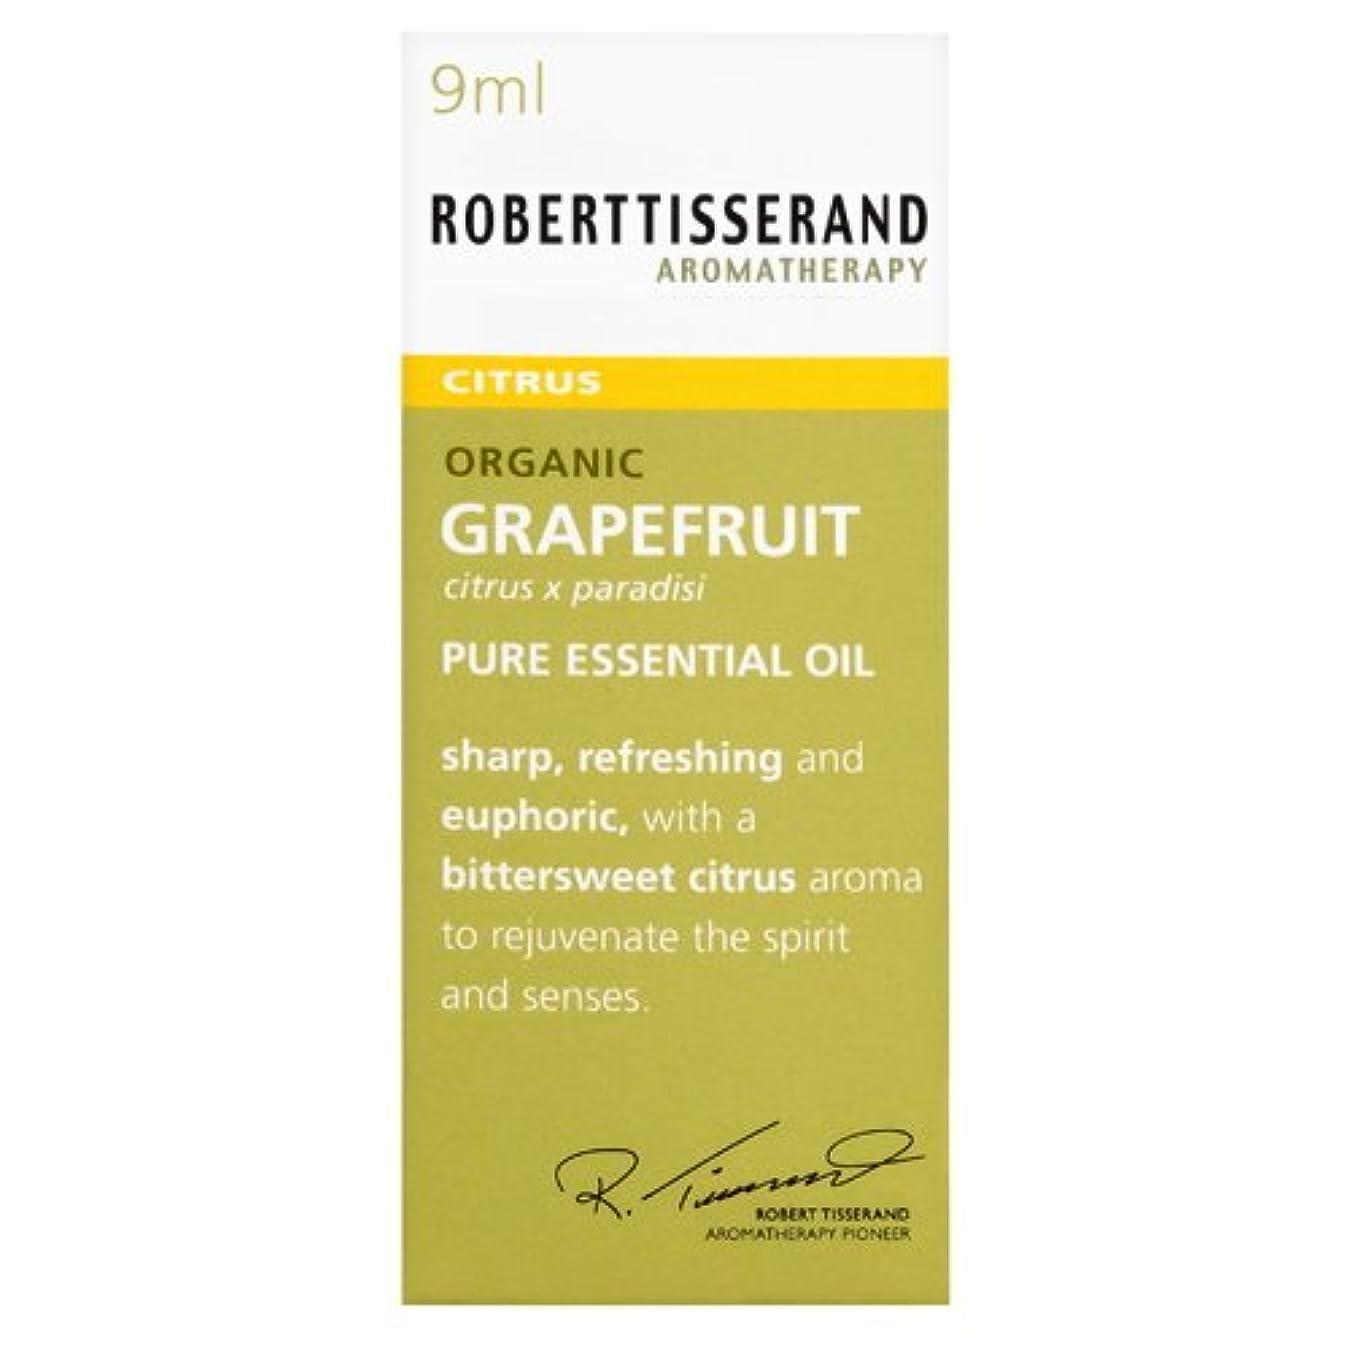 困惑以前はパスロバートティスランド 英国土壌協会認証 オーガニック グレープフルーツ 9ml